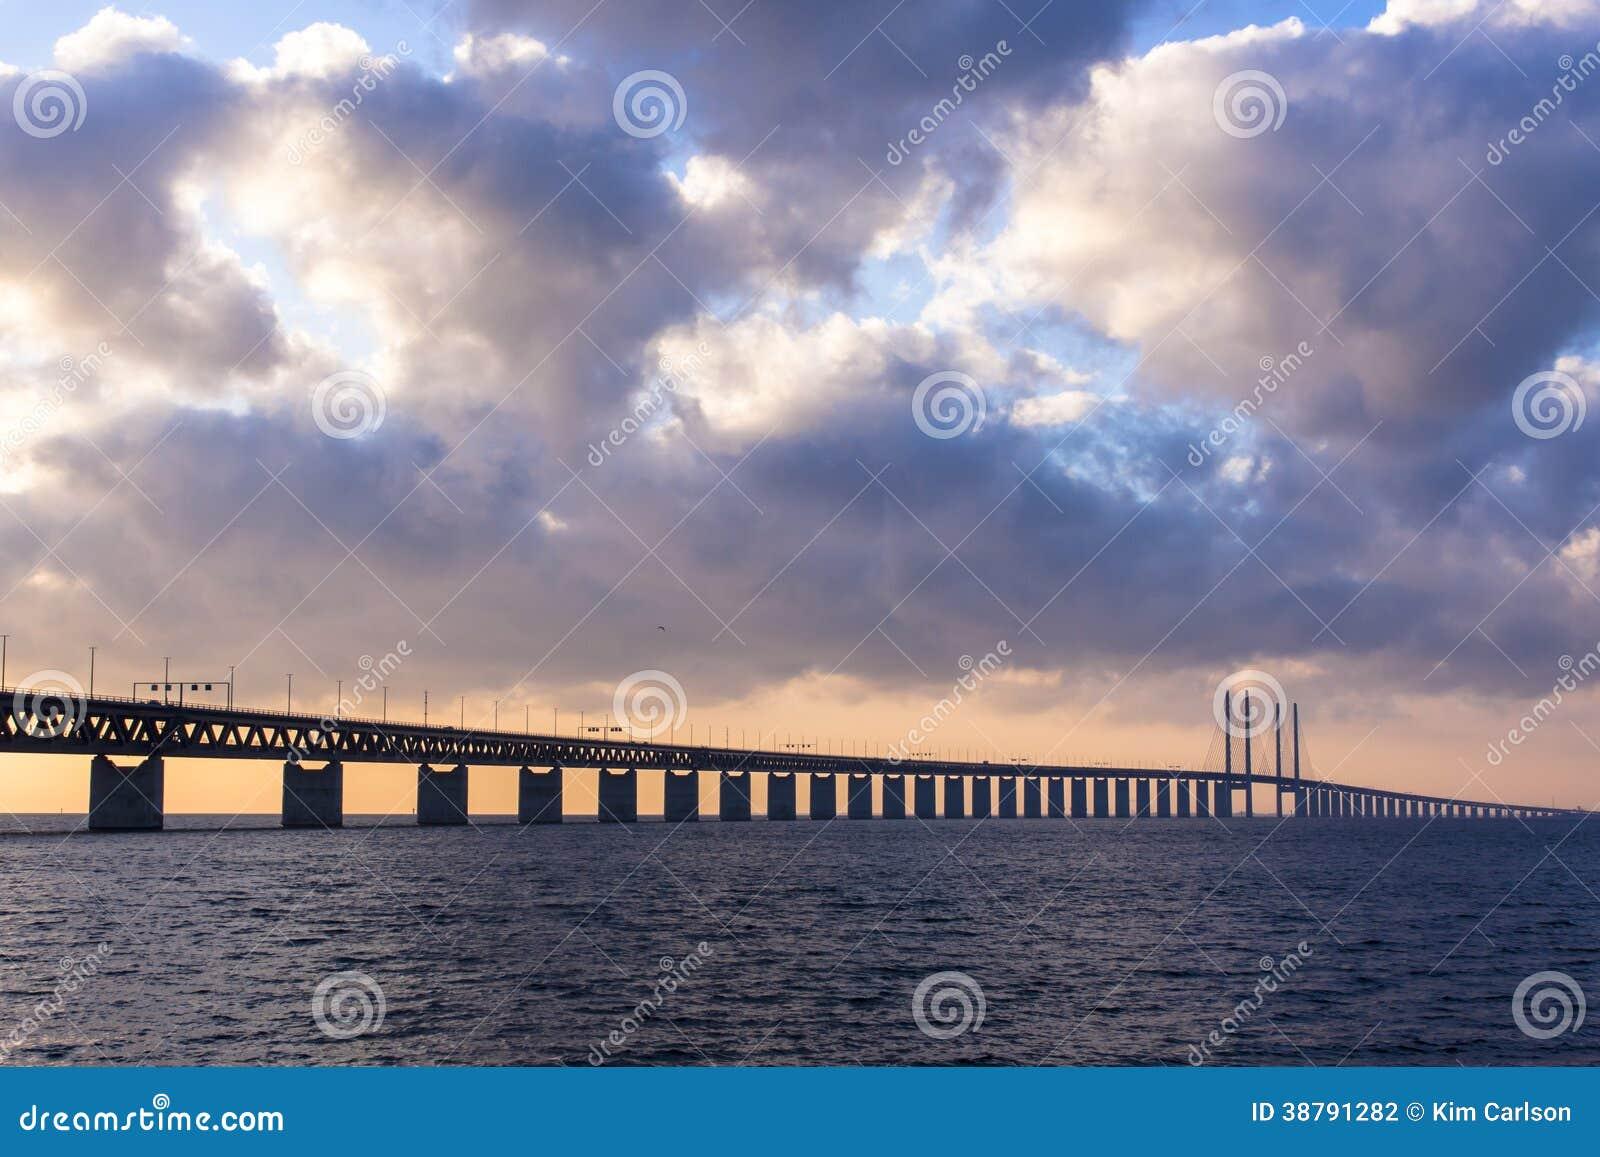 Puente en puesta del sol